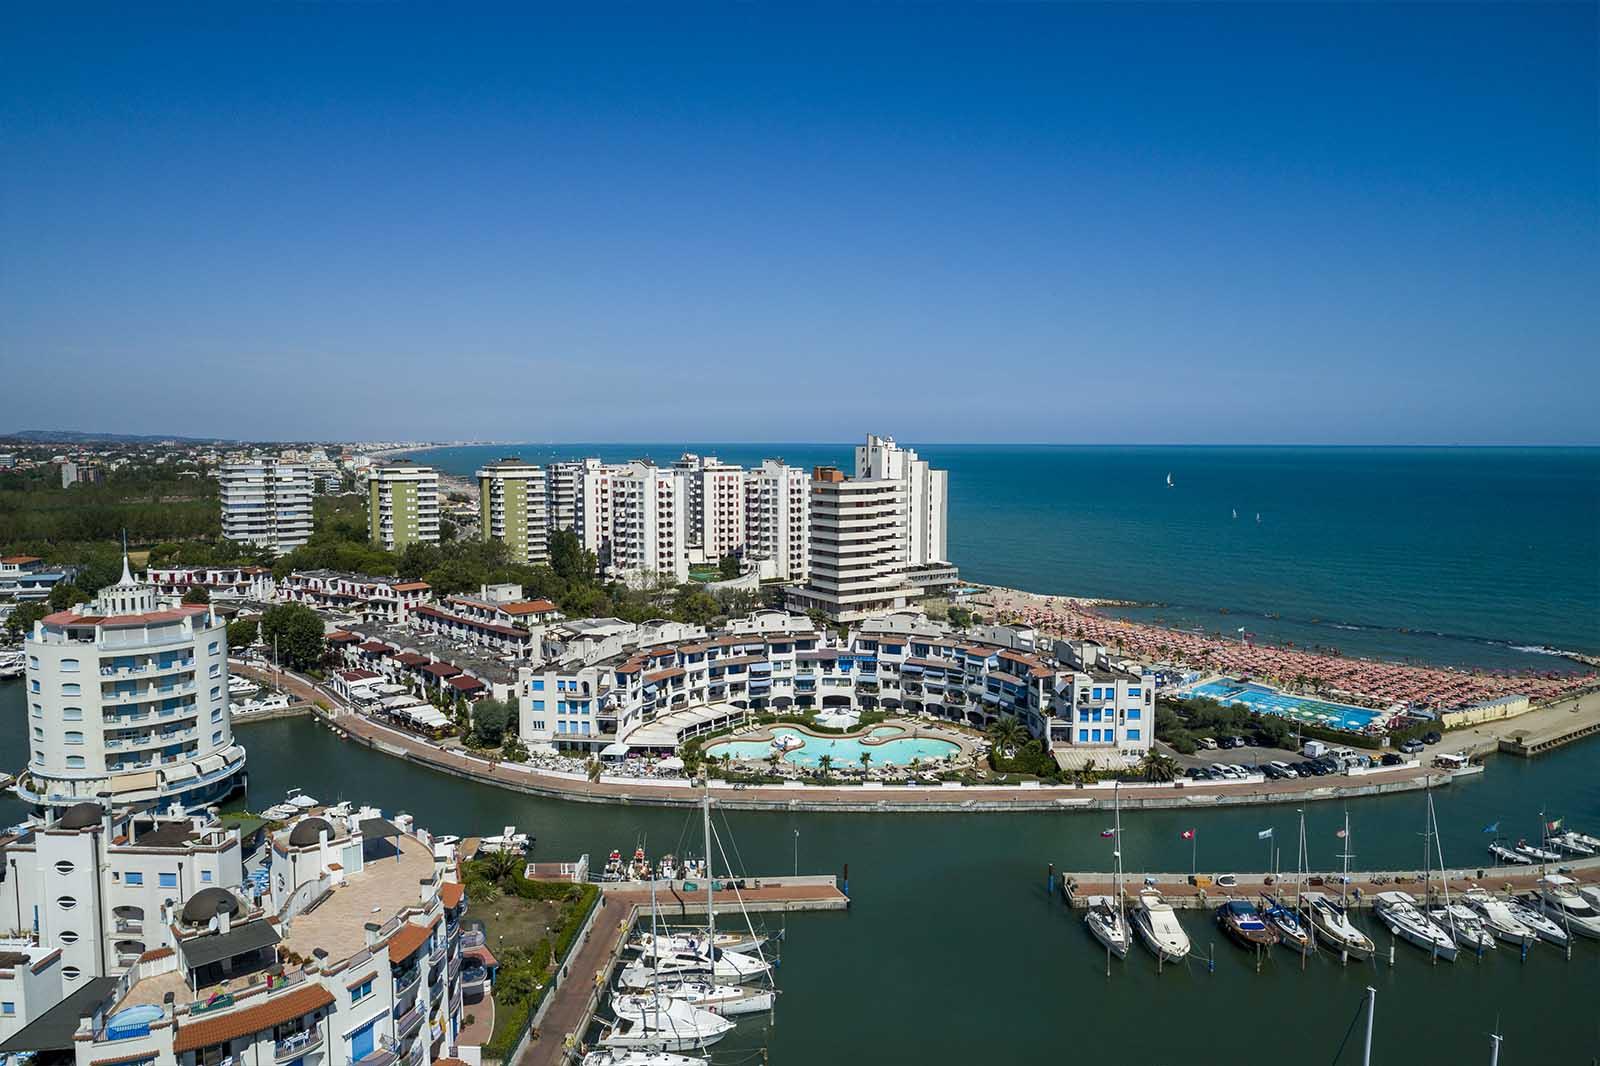 appartamenti vacanza a misano adriatico